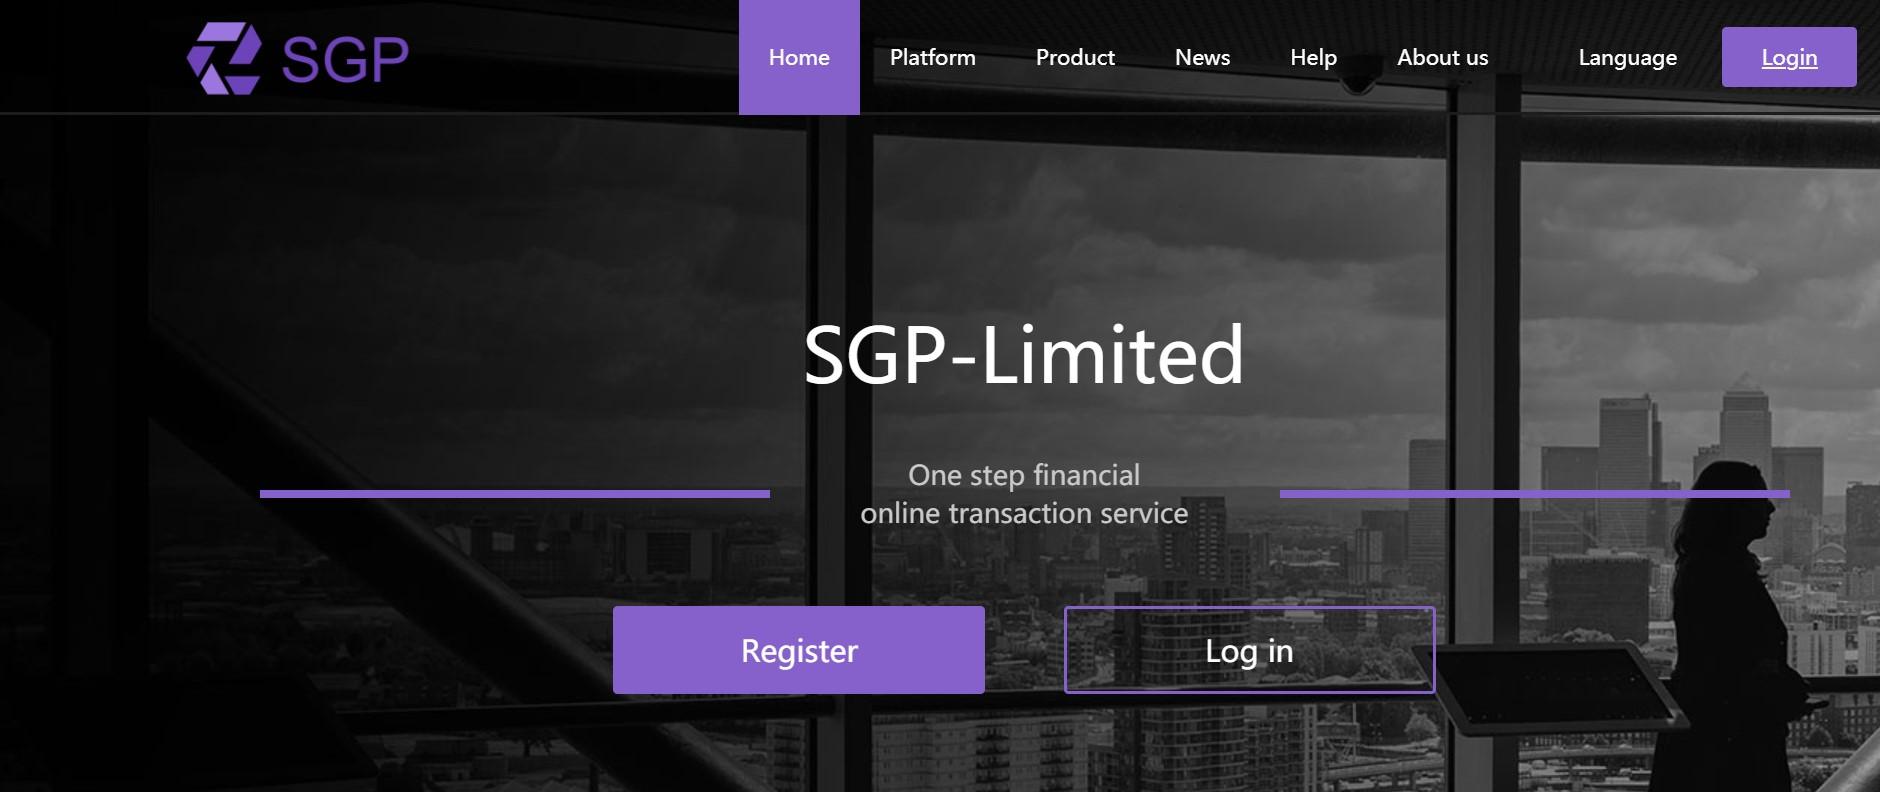 SGP-Limited website